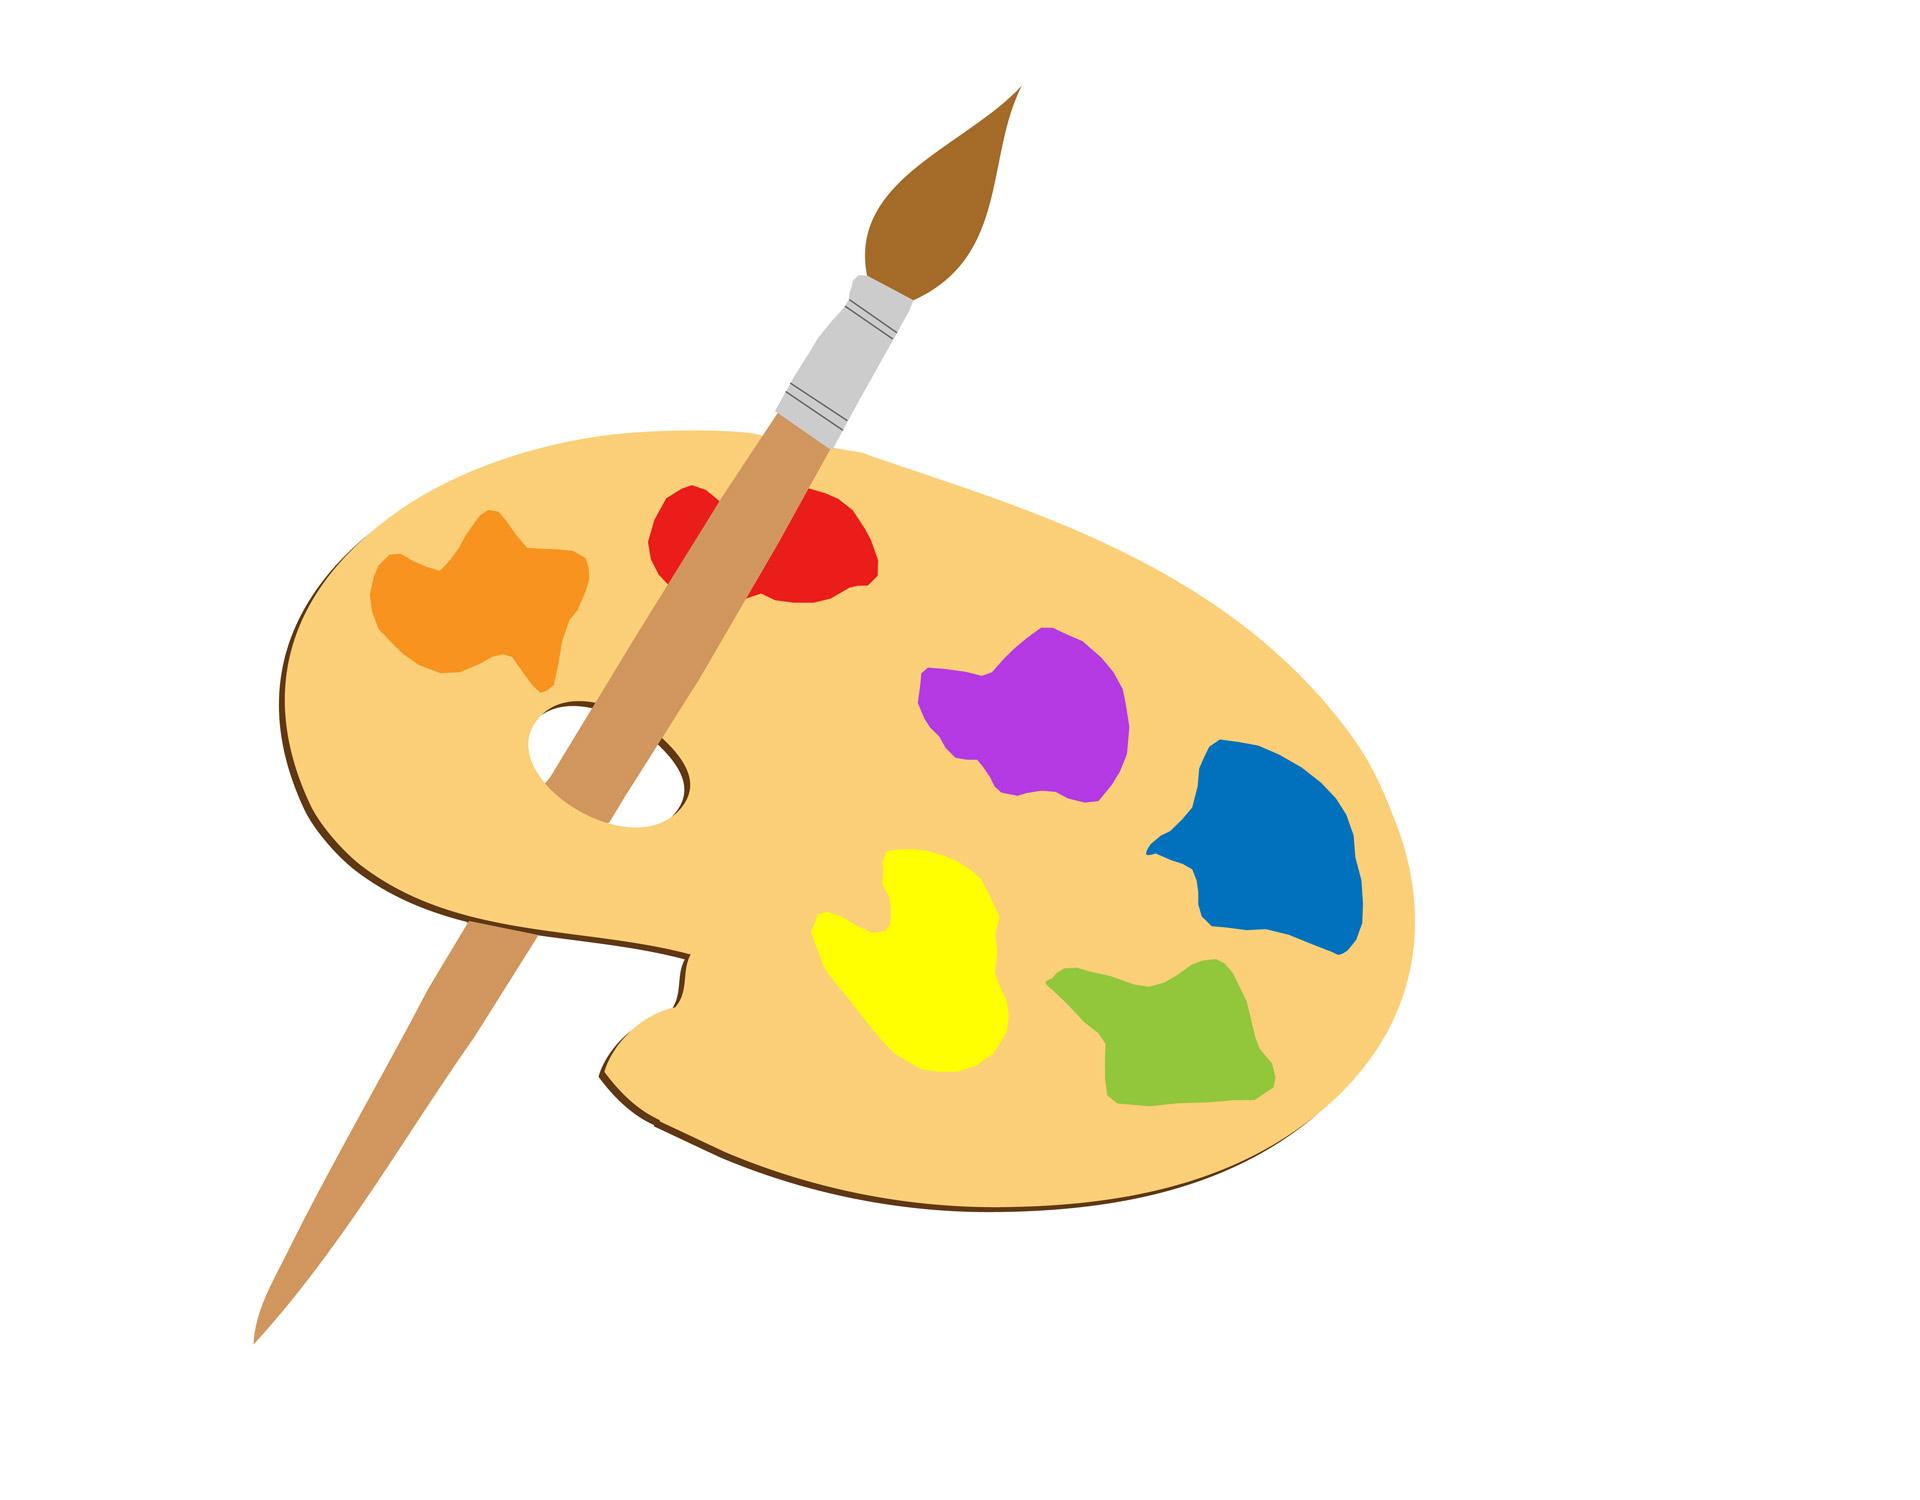 Paint clipart artistic Art public domain clip clipart